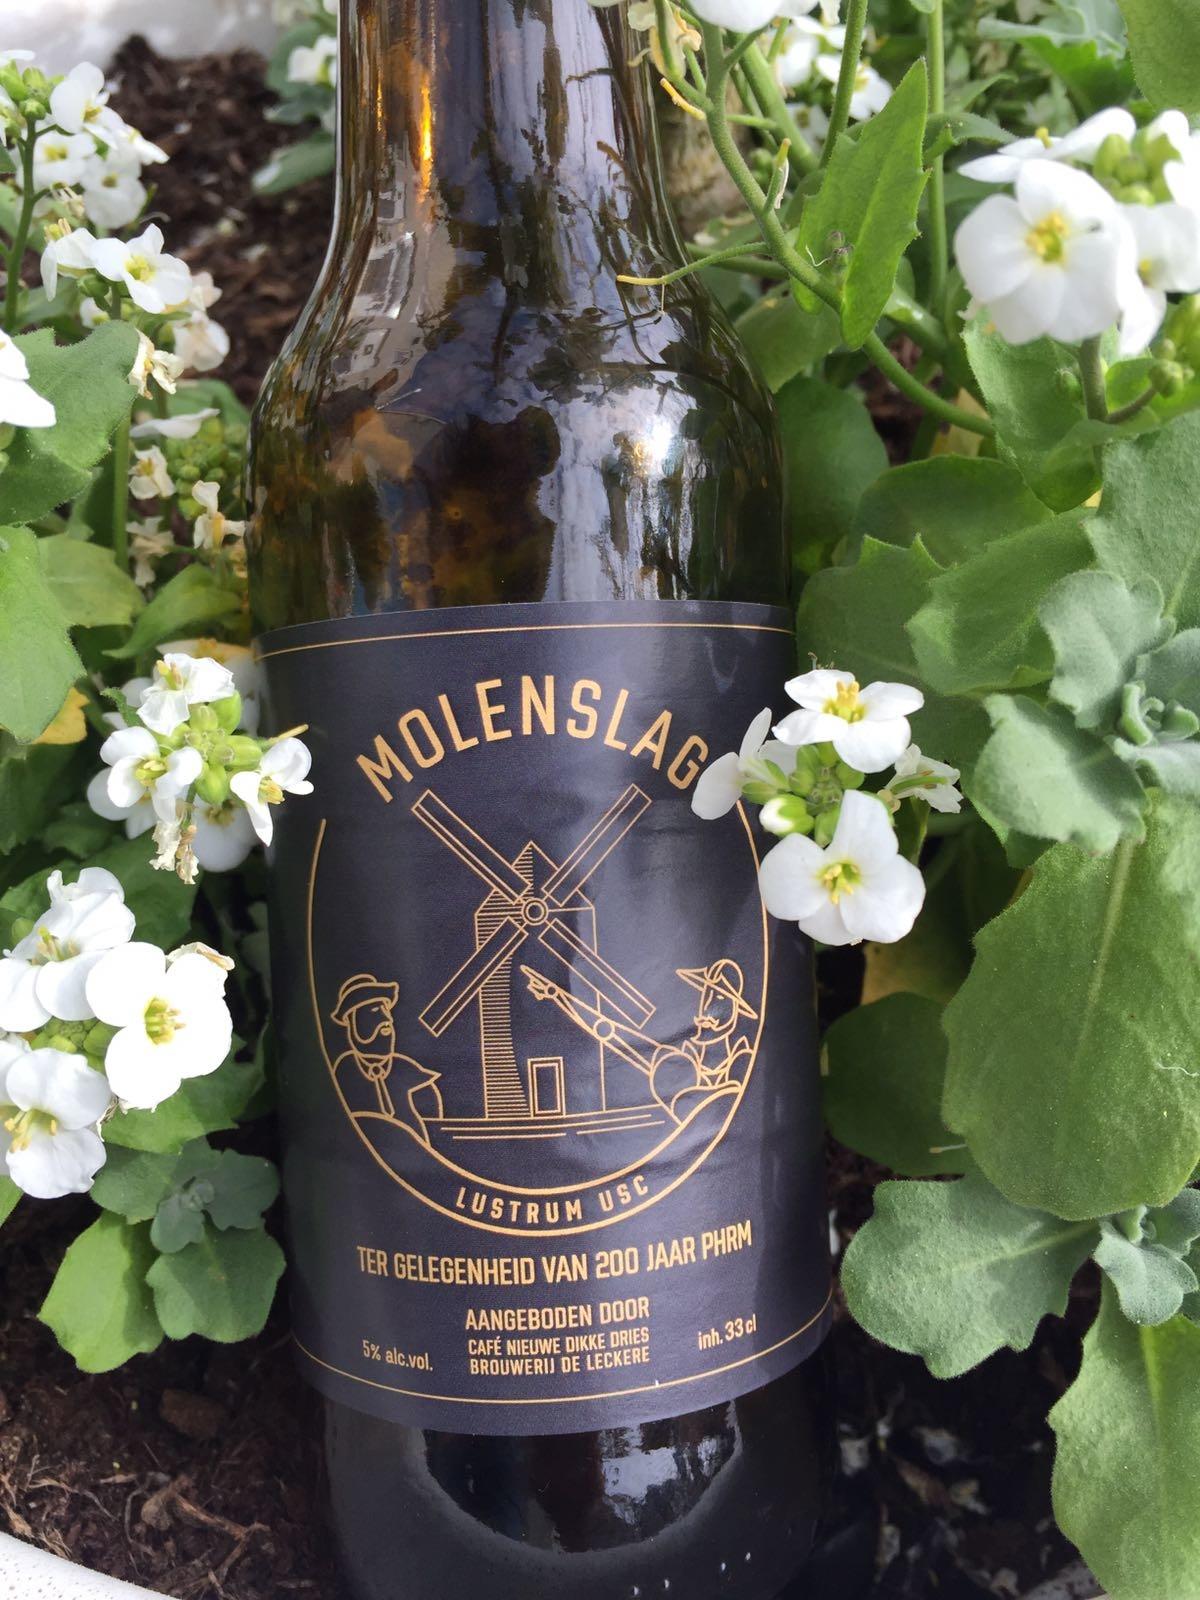 Dit mooie amberkleurig bier geeft een smaakbom van citrus en hop. Ook de bittere tonen zijn hier prettig aanwezig. Een verrassend goed bier van brouwerij De Leckere gebrouwen ter ere van het 200 jarige bestaan van PHRM (Placet hic Requiescere Musis) van het Utrechtse Studenten Corps. De smaaksensatie doet ook wel denken aan een lichte IPA. Met de zomer in aantocht is dit een heerlijk biertje om van te genieten in de zon. En het alcoholpercentage is laag voor een speciaalbier waardoor je dit bier lekker kunt door drinken. Het bier bevat een alcoholpercentage van 5%. Advies serveertemperatuur: 4 à 5 graden.